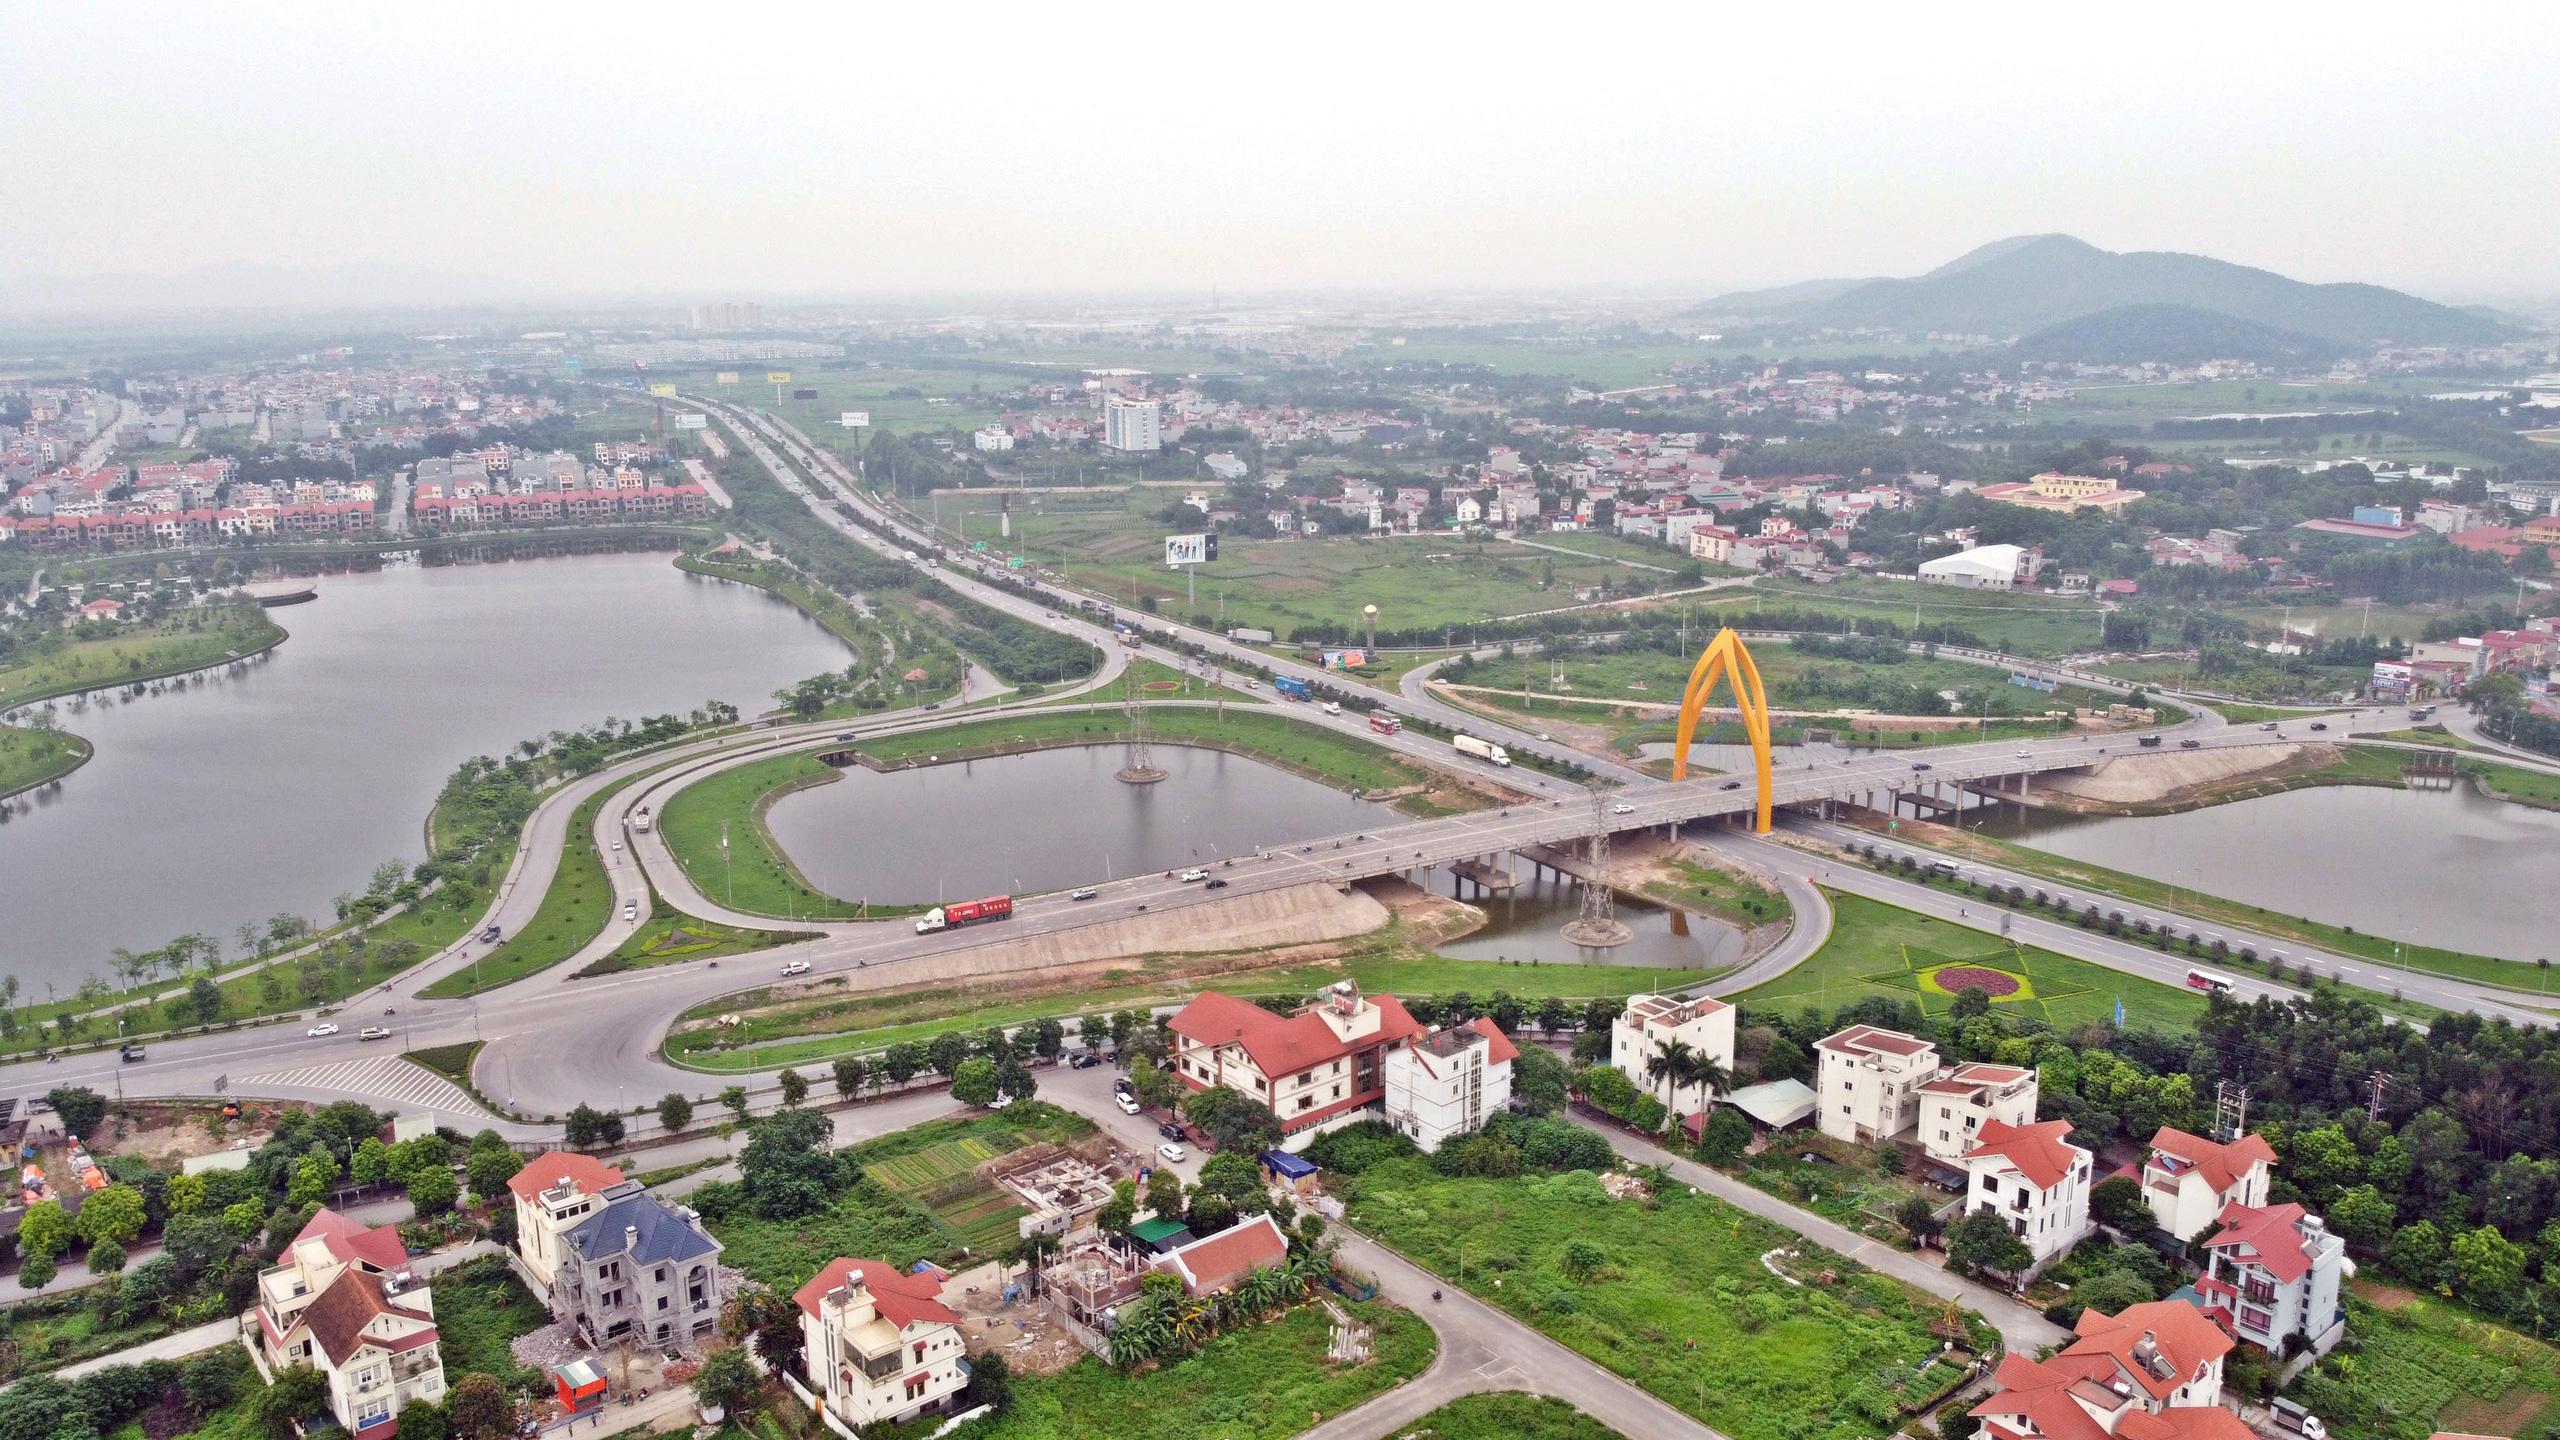 Toàn cảnh Bắc Ninh trước khi lên thành phố trực thuộc trung ương - Ảnh 21.